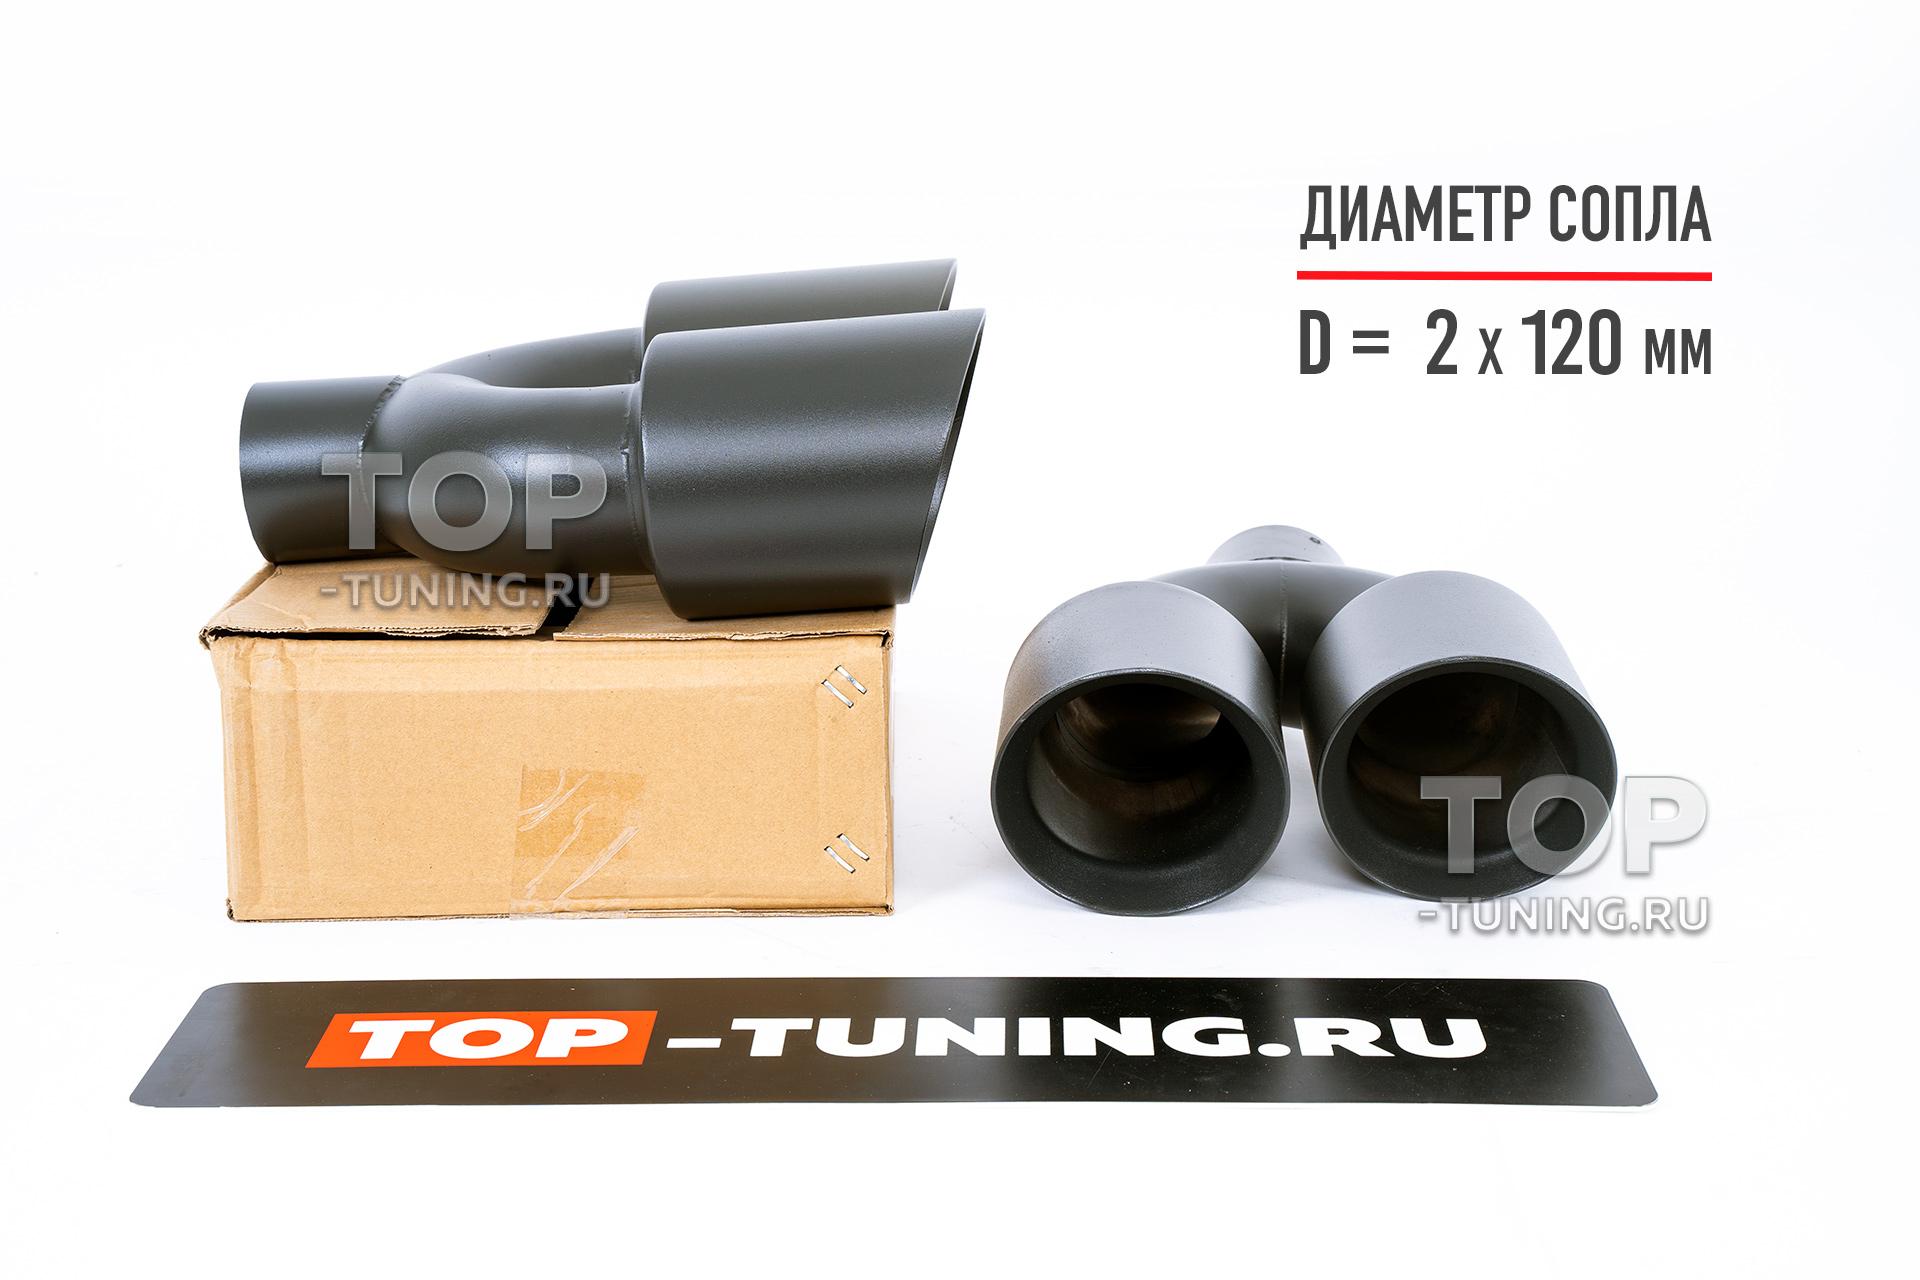 10777 Черные насадки HP Racing на выхлоп - 2 x 120 мм, Jet Black (матовые)